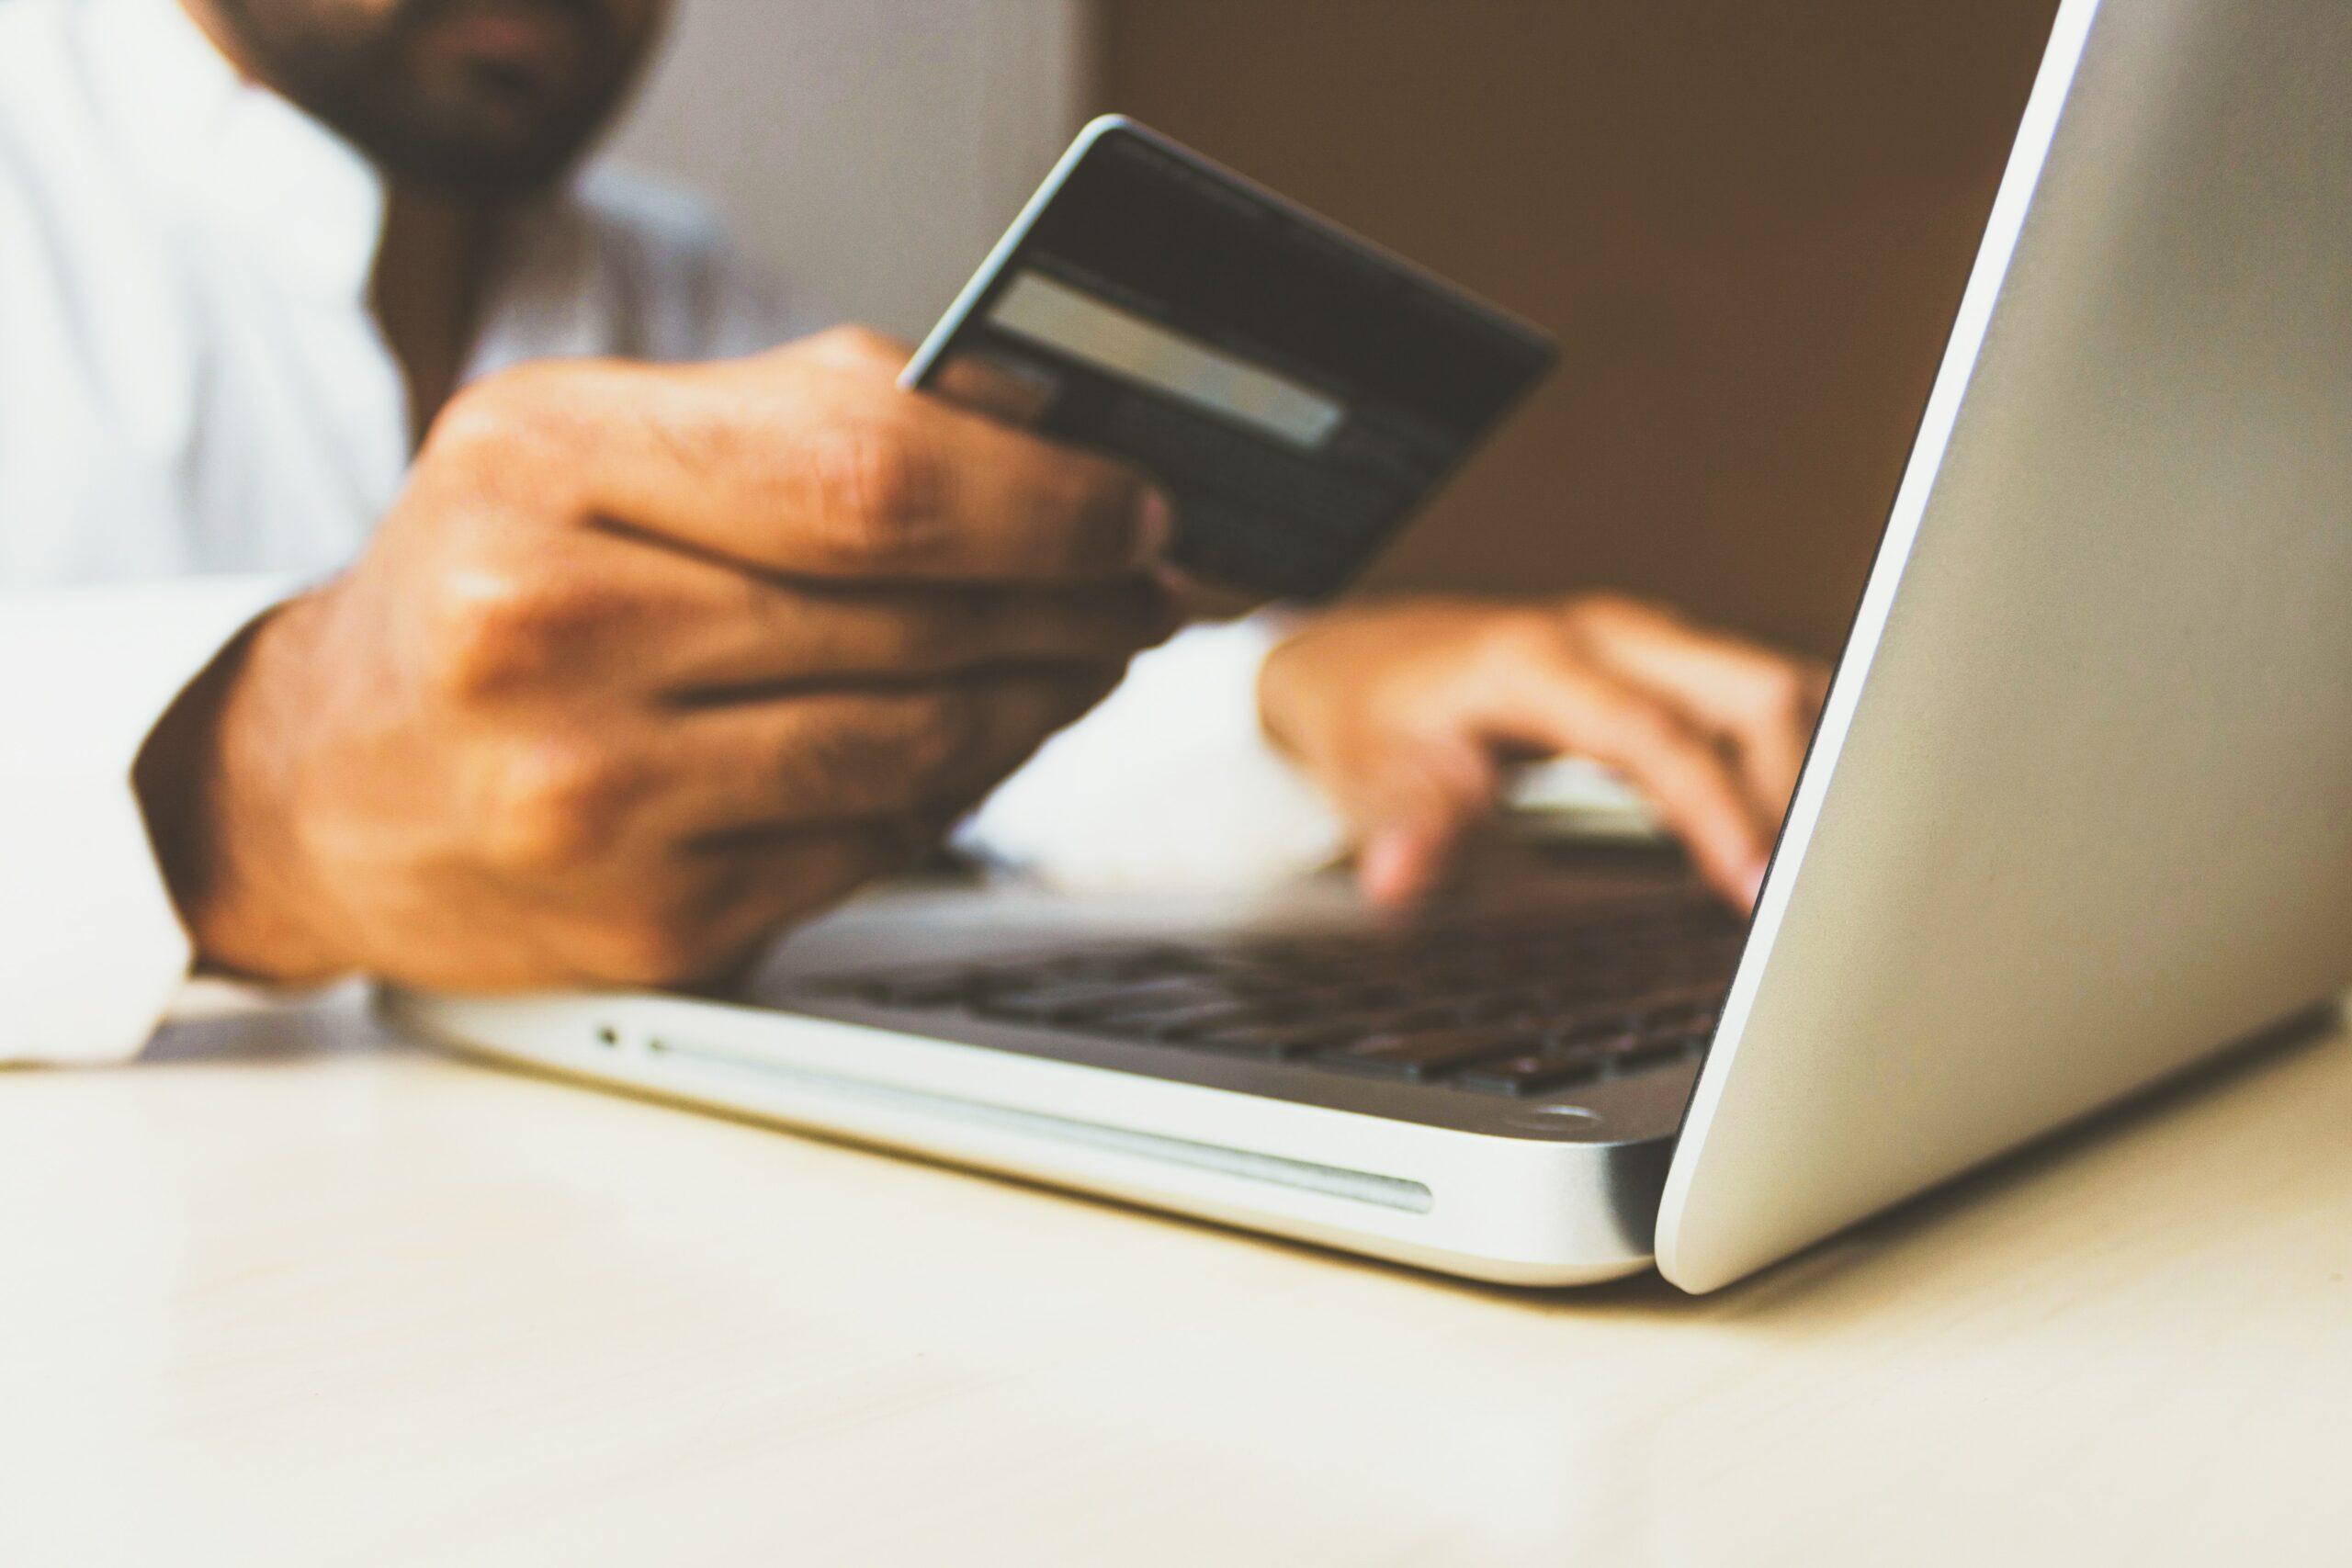 Asda credit card review (+ 3 tips)